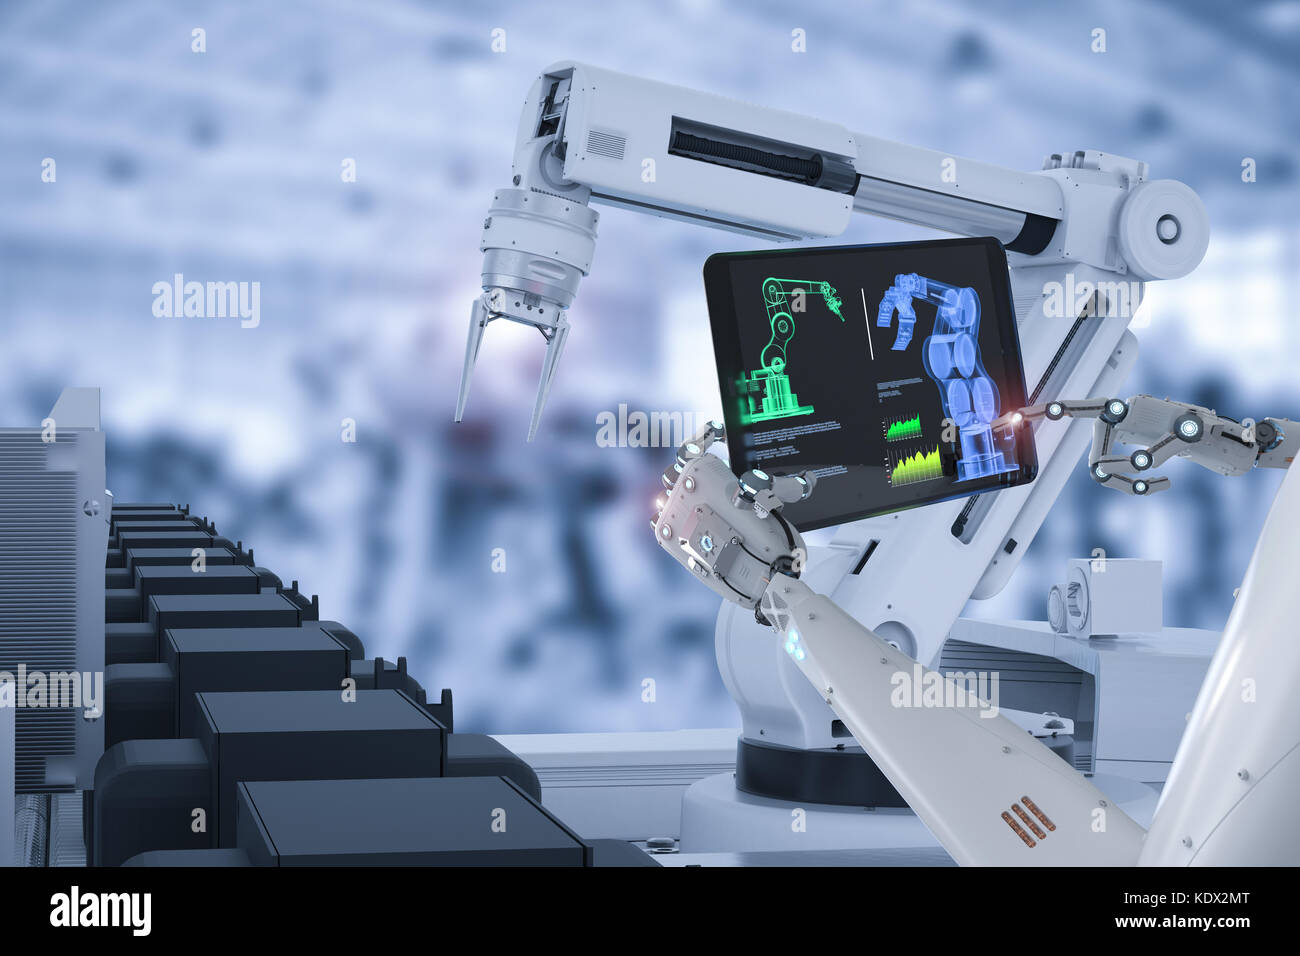 3D-Rendering cyborg Steuerung Roboter in der autofabrik Stockbild